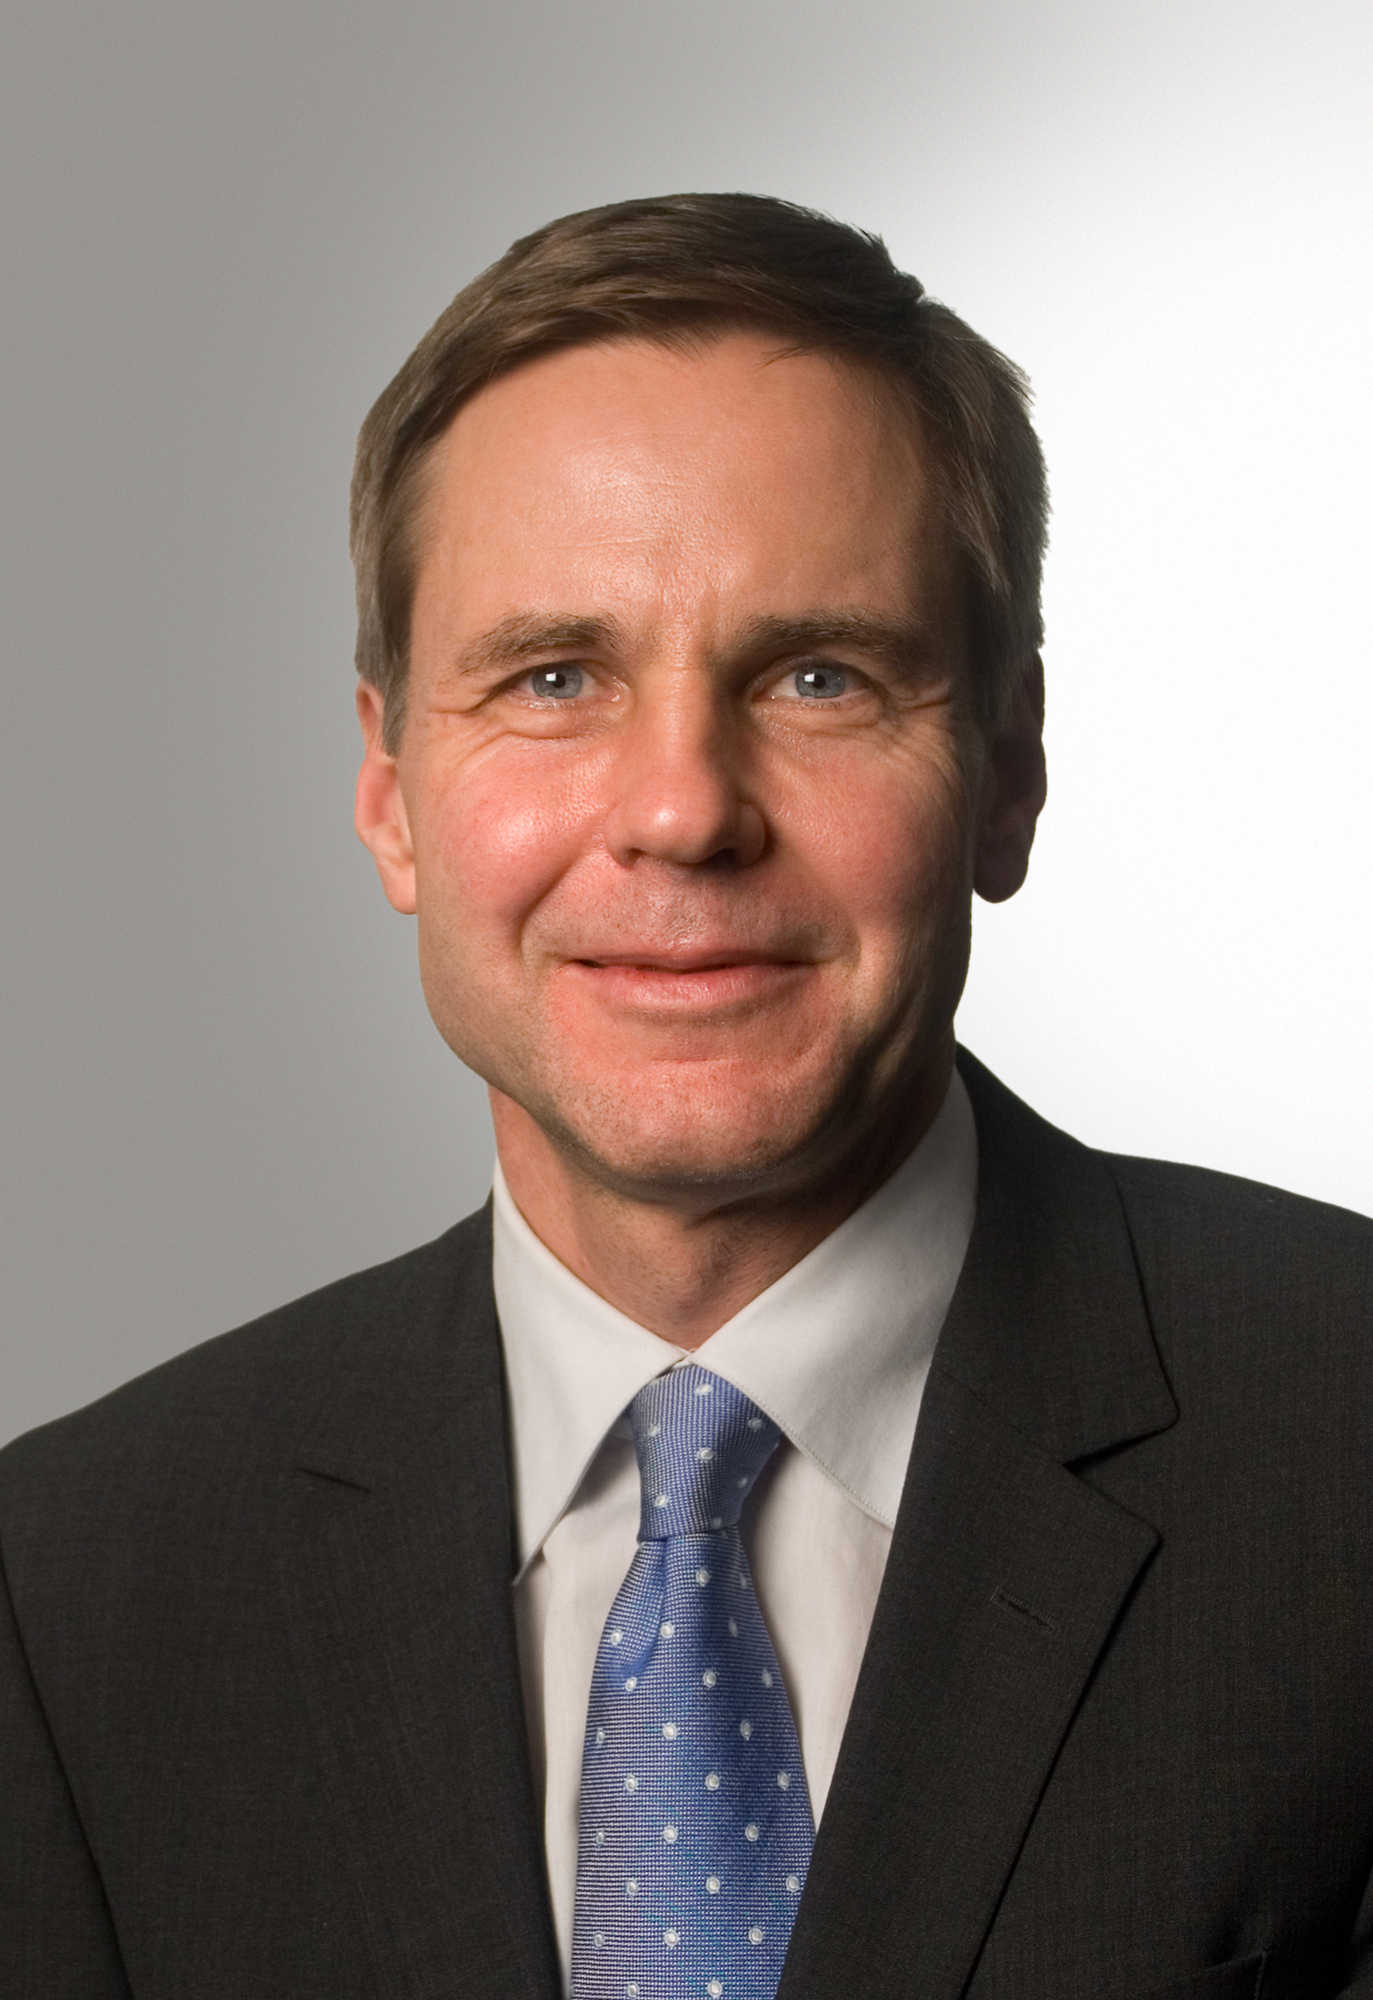 Prof. Dr. Alexander von Gontard